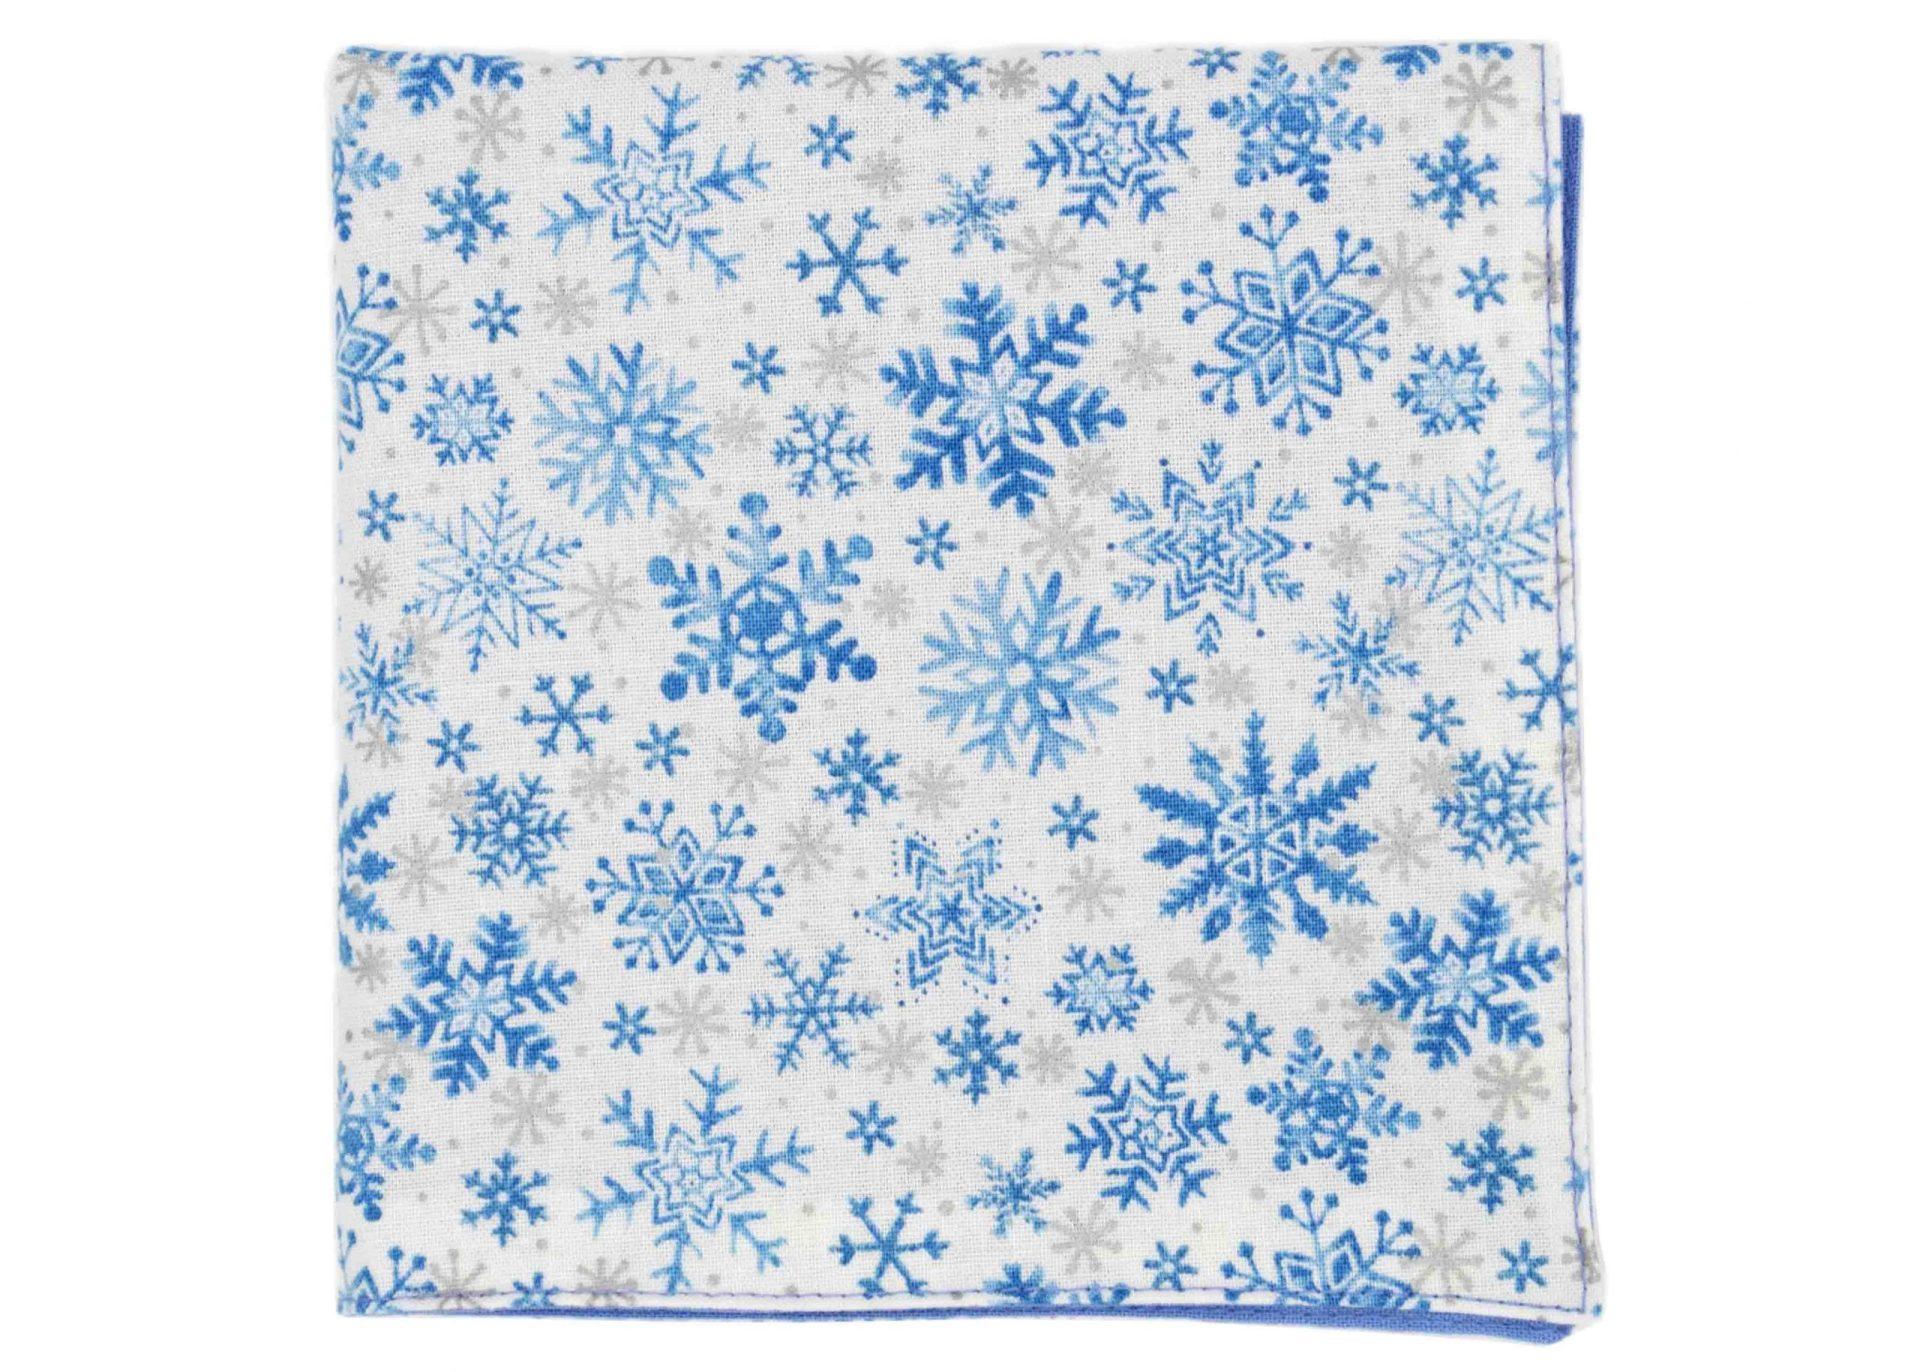 JAGGS_costume_chemise_sur_mesure_bruxelles_pochette_let_it_snow_white_flocons_de_neiges_bleu_ciel